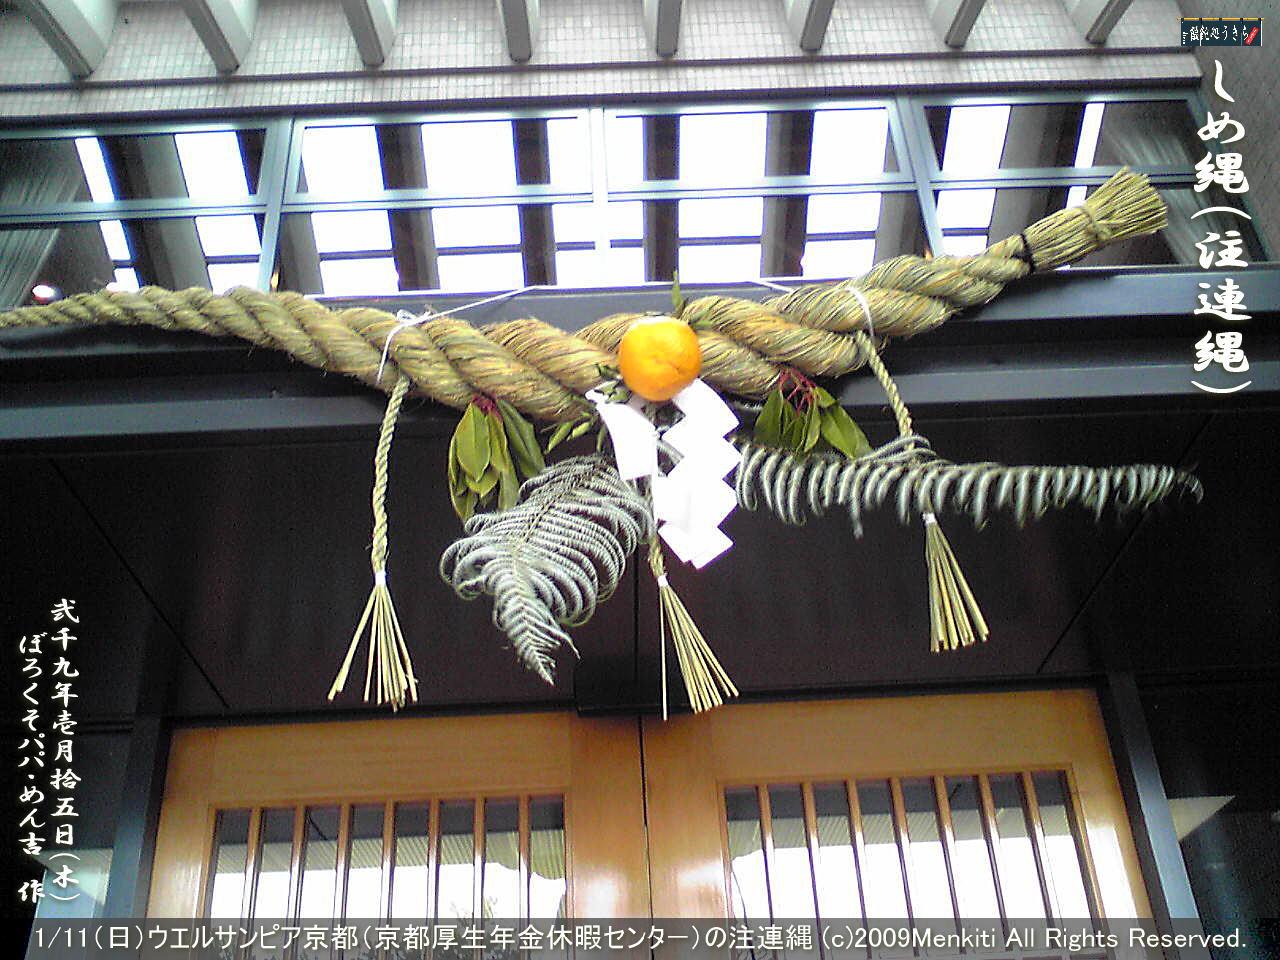 ウエルサンピア京都(京都厚生年金休暇センター)のしめ縄(しめなわ・注連縄)お飾り@キャツピ&めん吉の【ぼろくそパパの独り言】    ▼クリックで1280x960pxlsに拡大します。